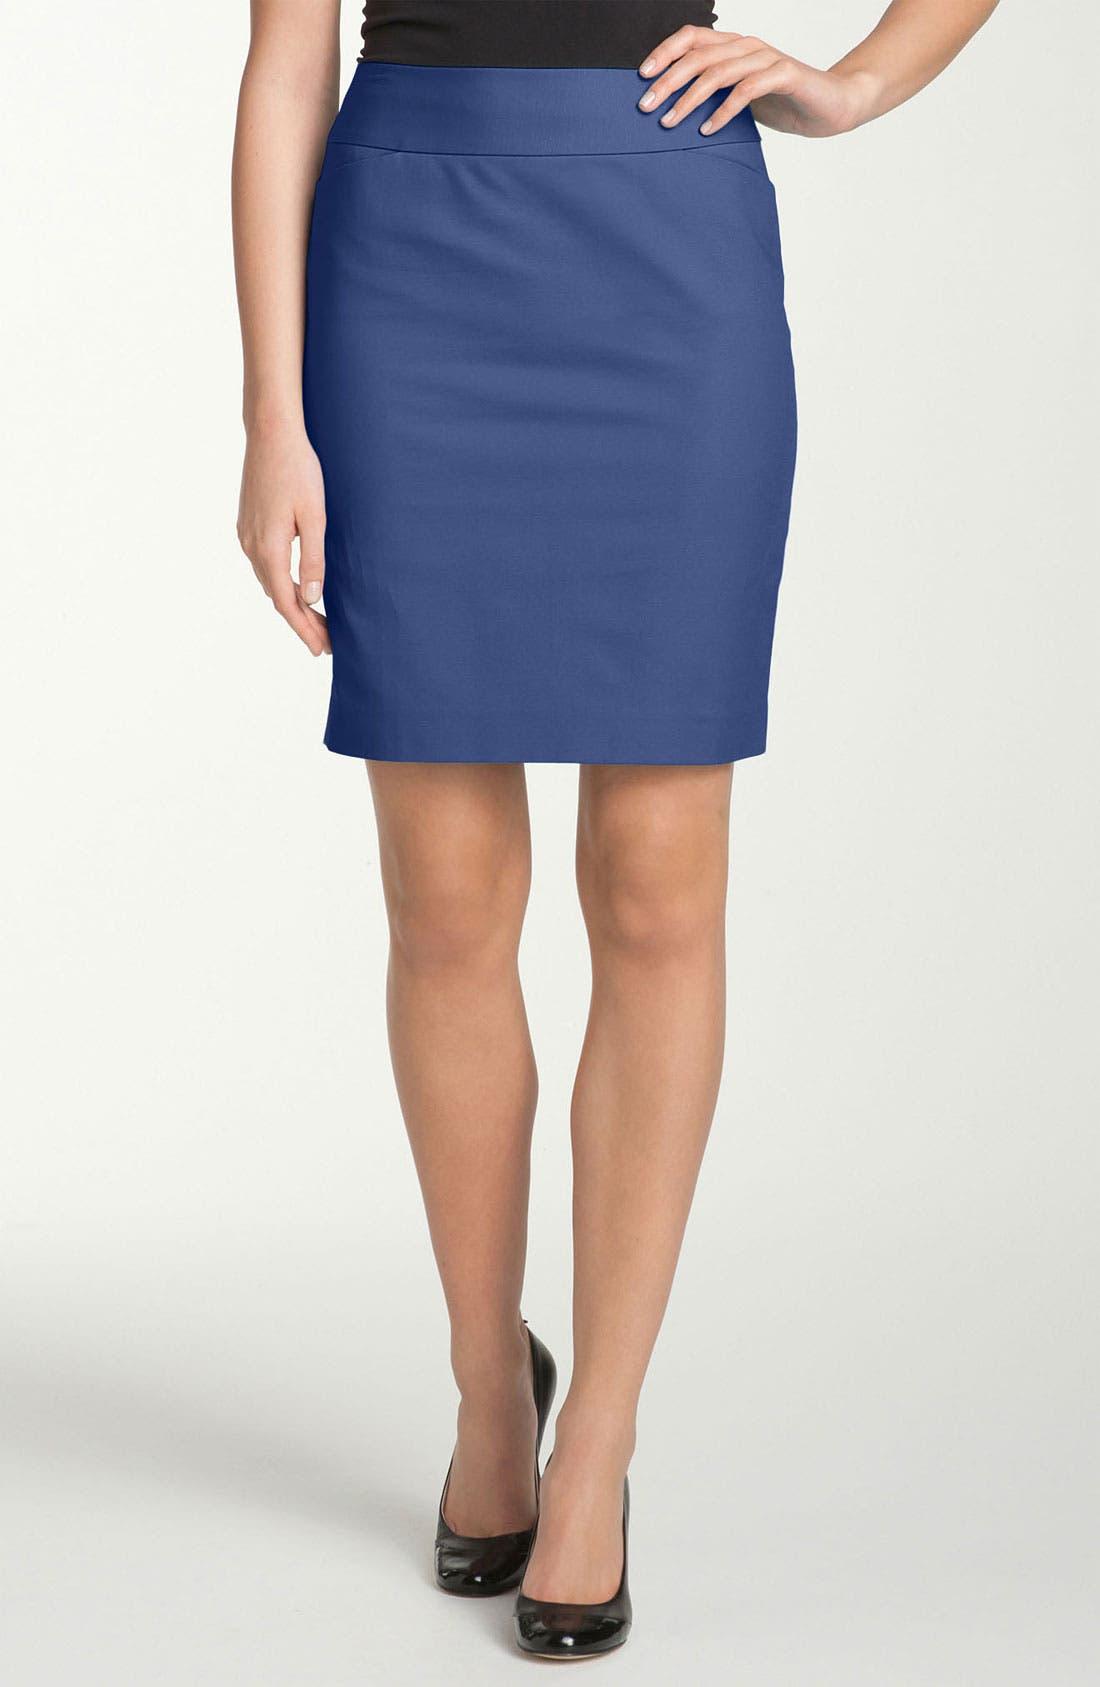 Alternate Image 1 Selected - Halogen® Stretch Denim Pencil Skirt